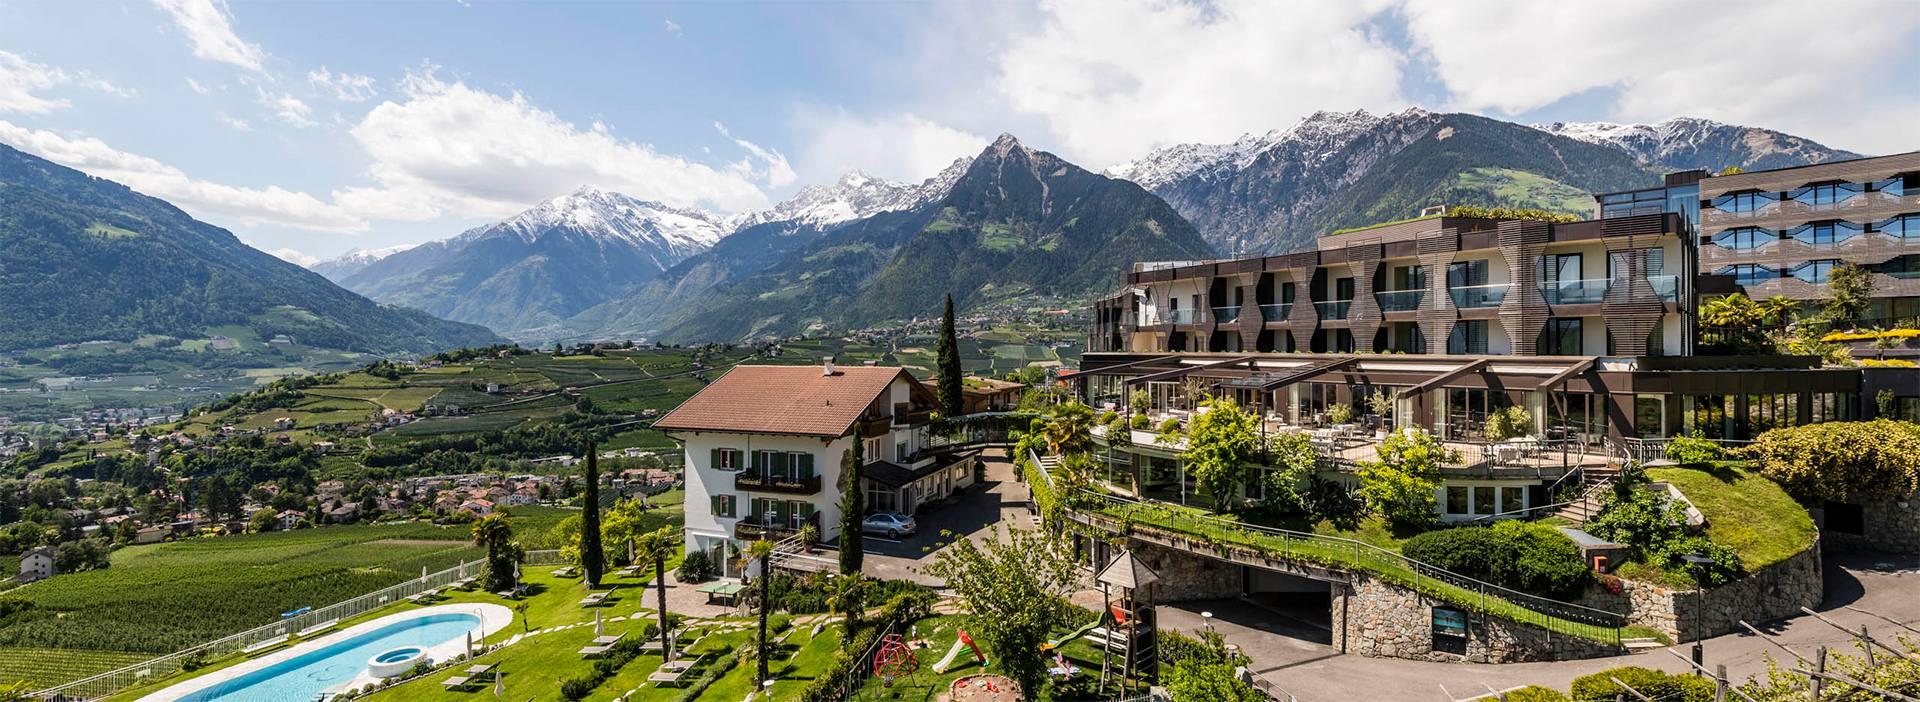 Schenna Resort - Hotel Rosengarten